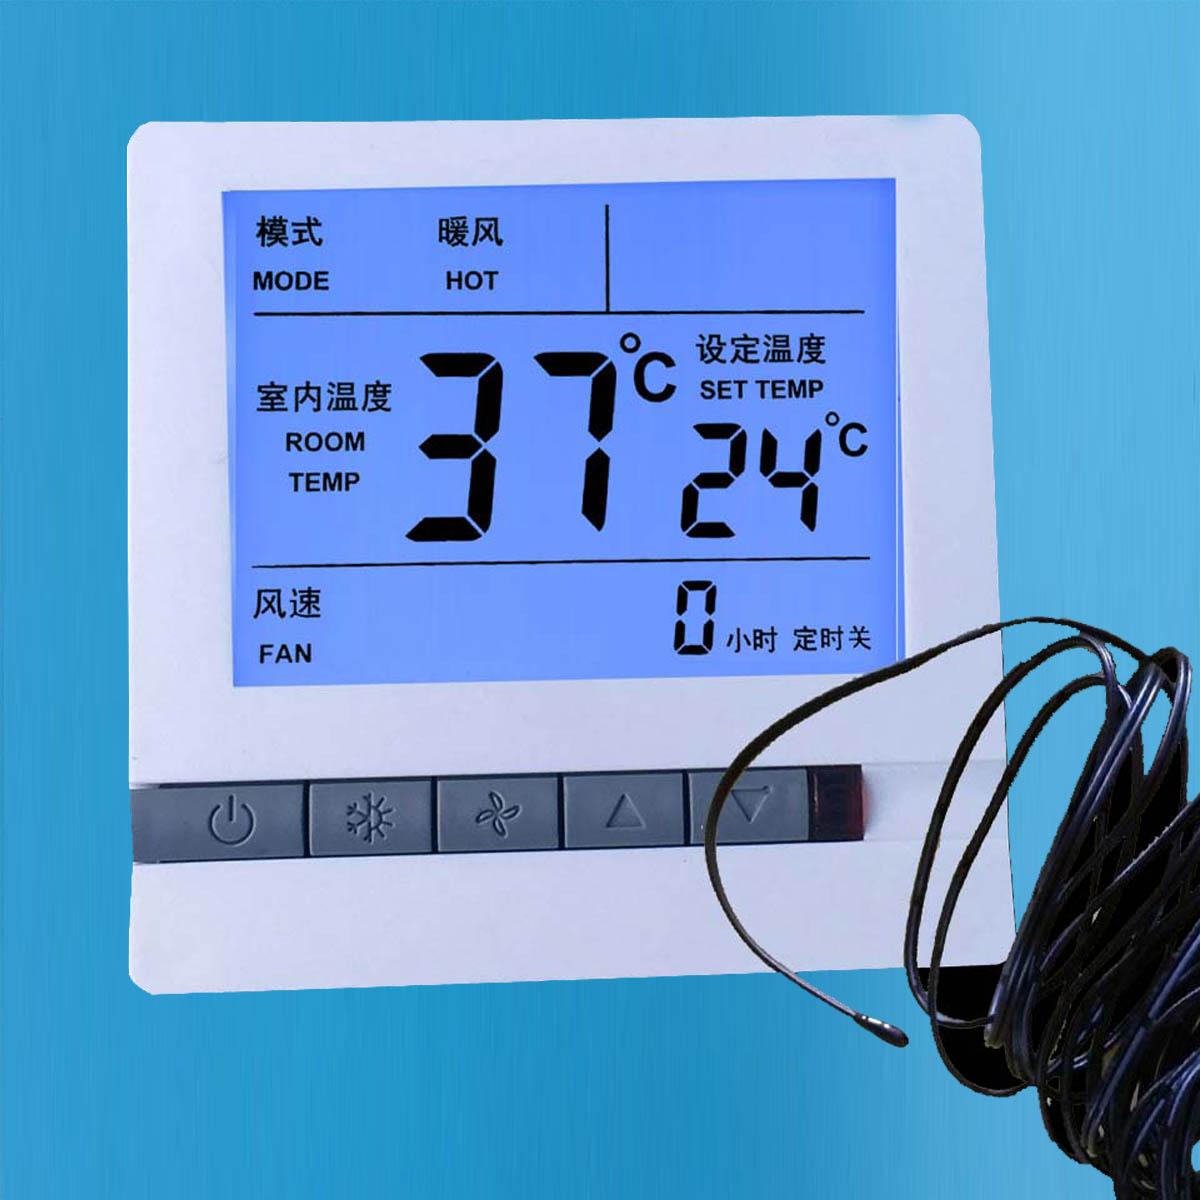 المياه الدافئة الكهربائية التبديل الجدار لوحات الكريستال الكربون التدفئة الحارة ذكي تحكم في درجة الحرارة الكريستال السائل موزع مضخة